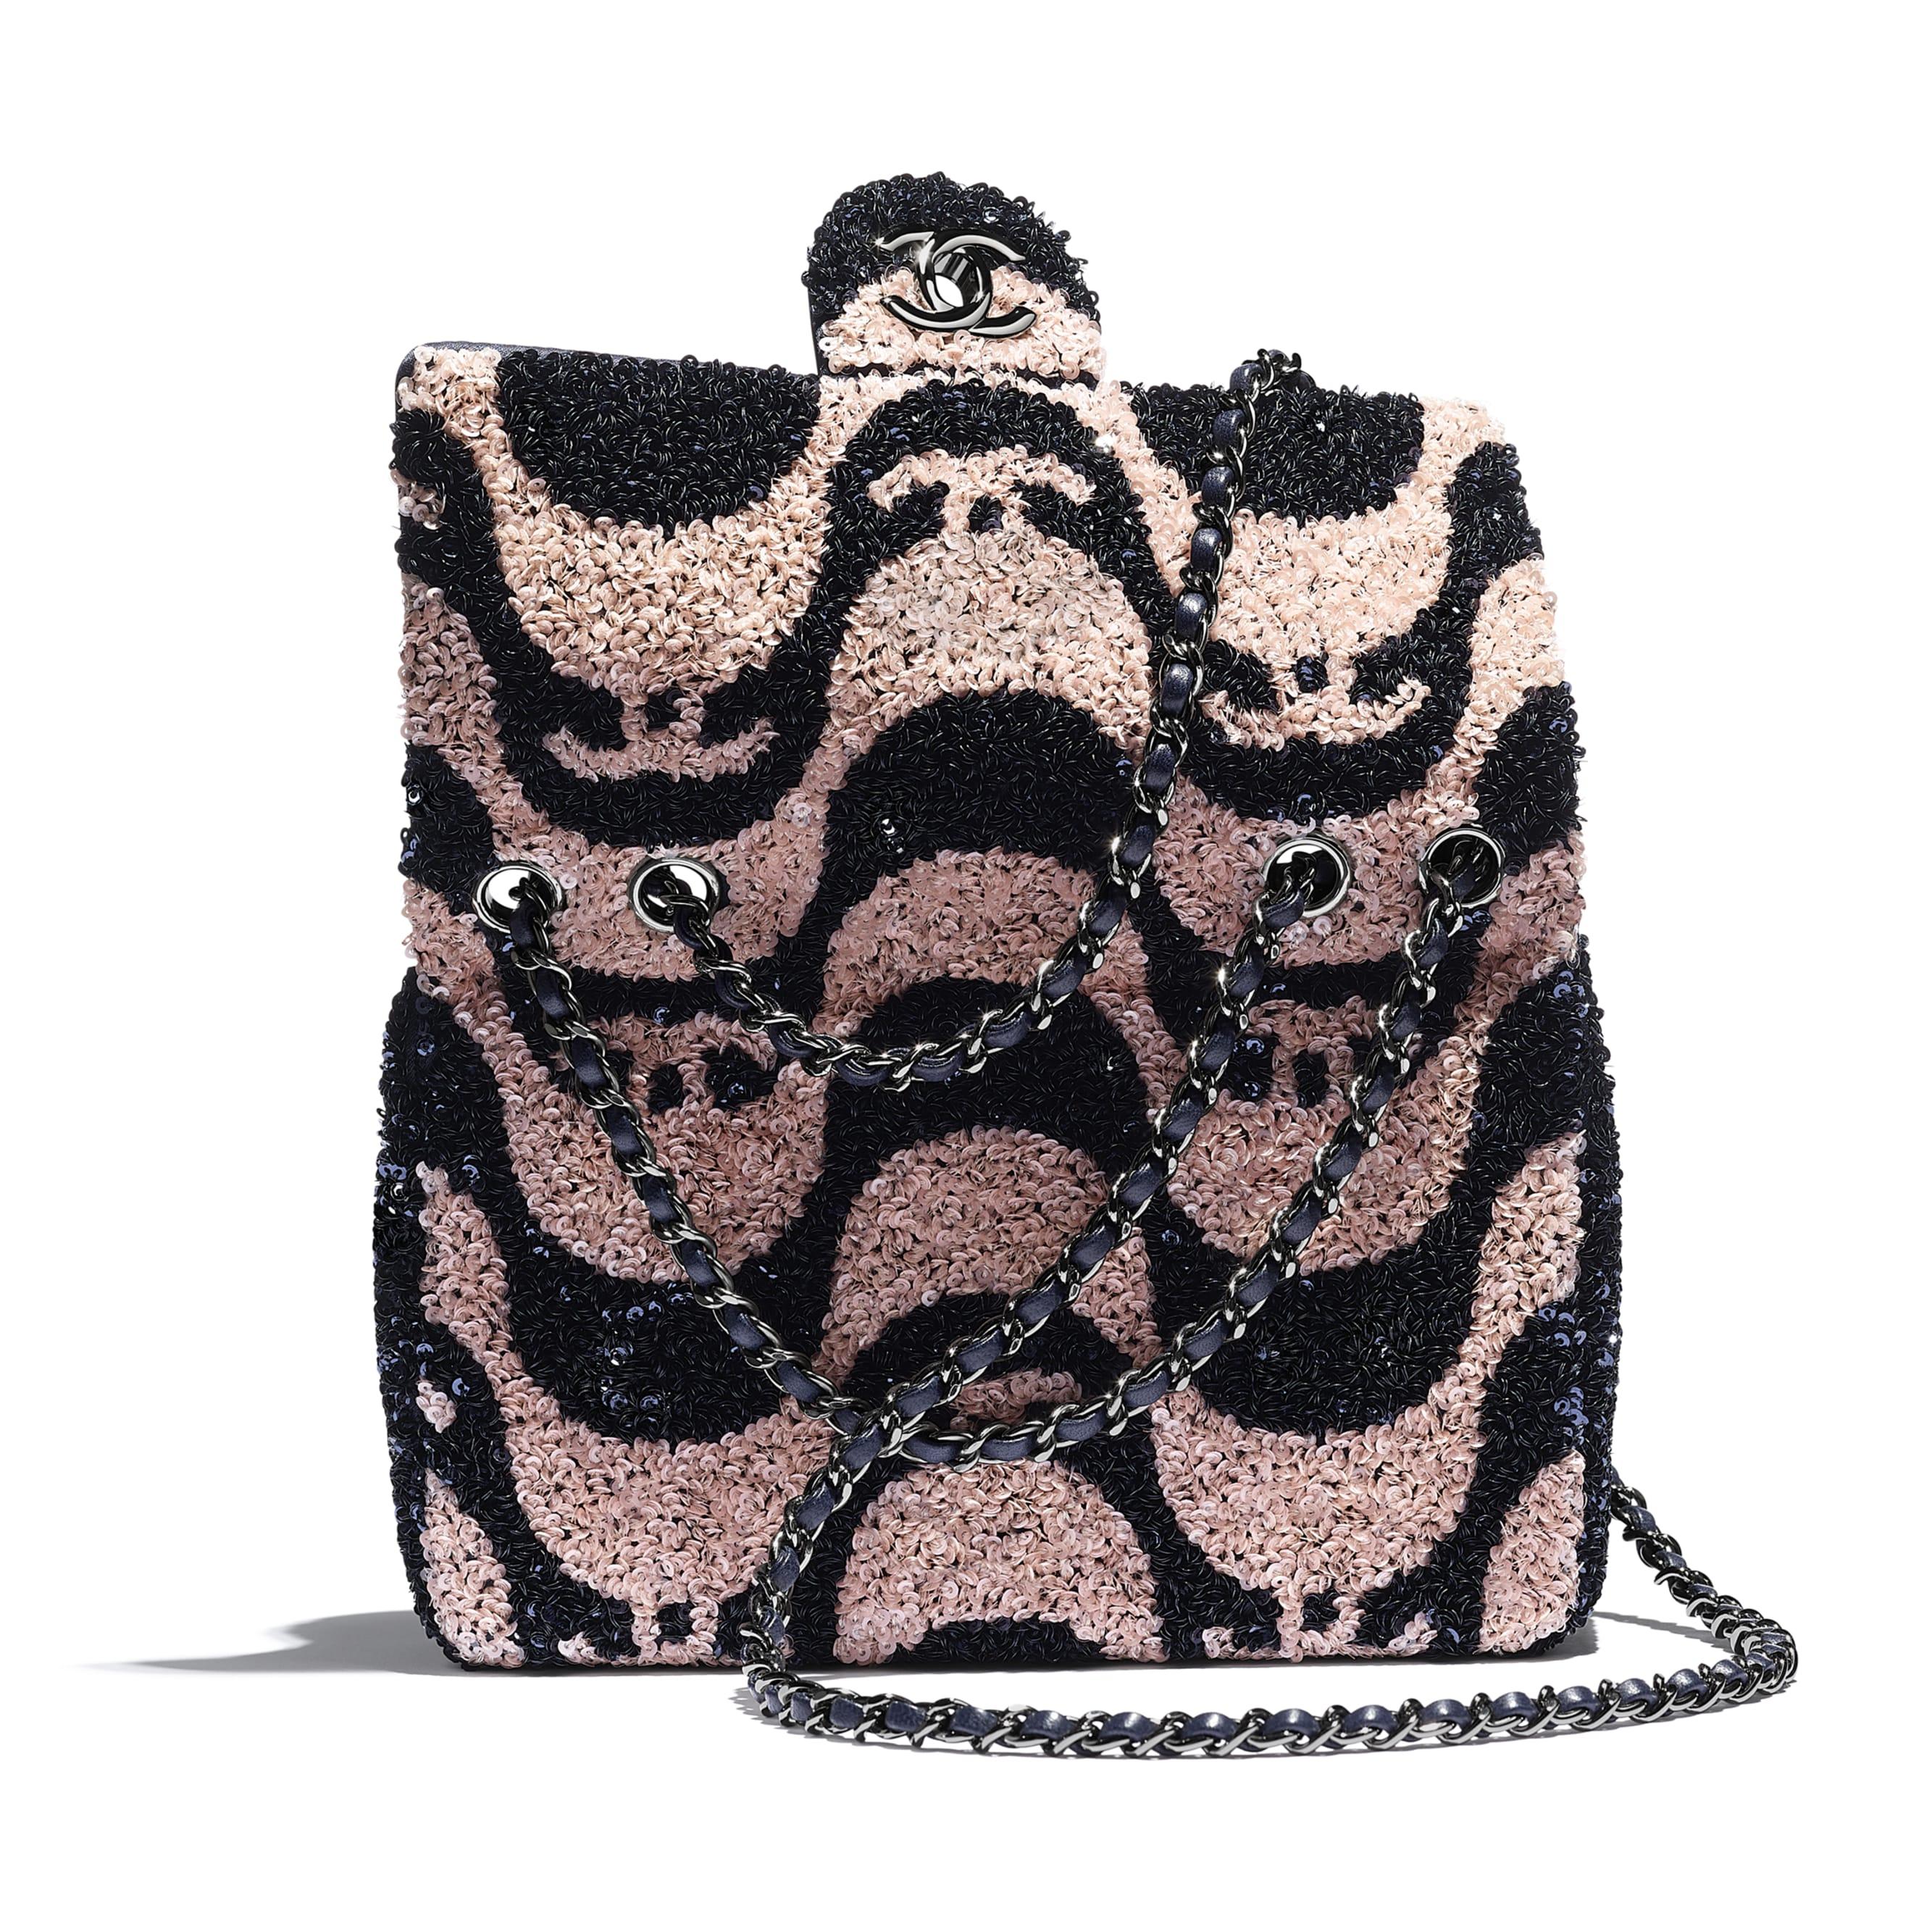 Petit sac à rabat - Bleu marine & rose - Sequins & métal ruthénium - CHANEL - Vue supplémentaire - voir la version taille standard